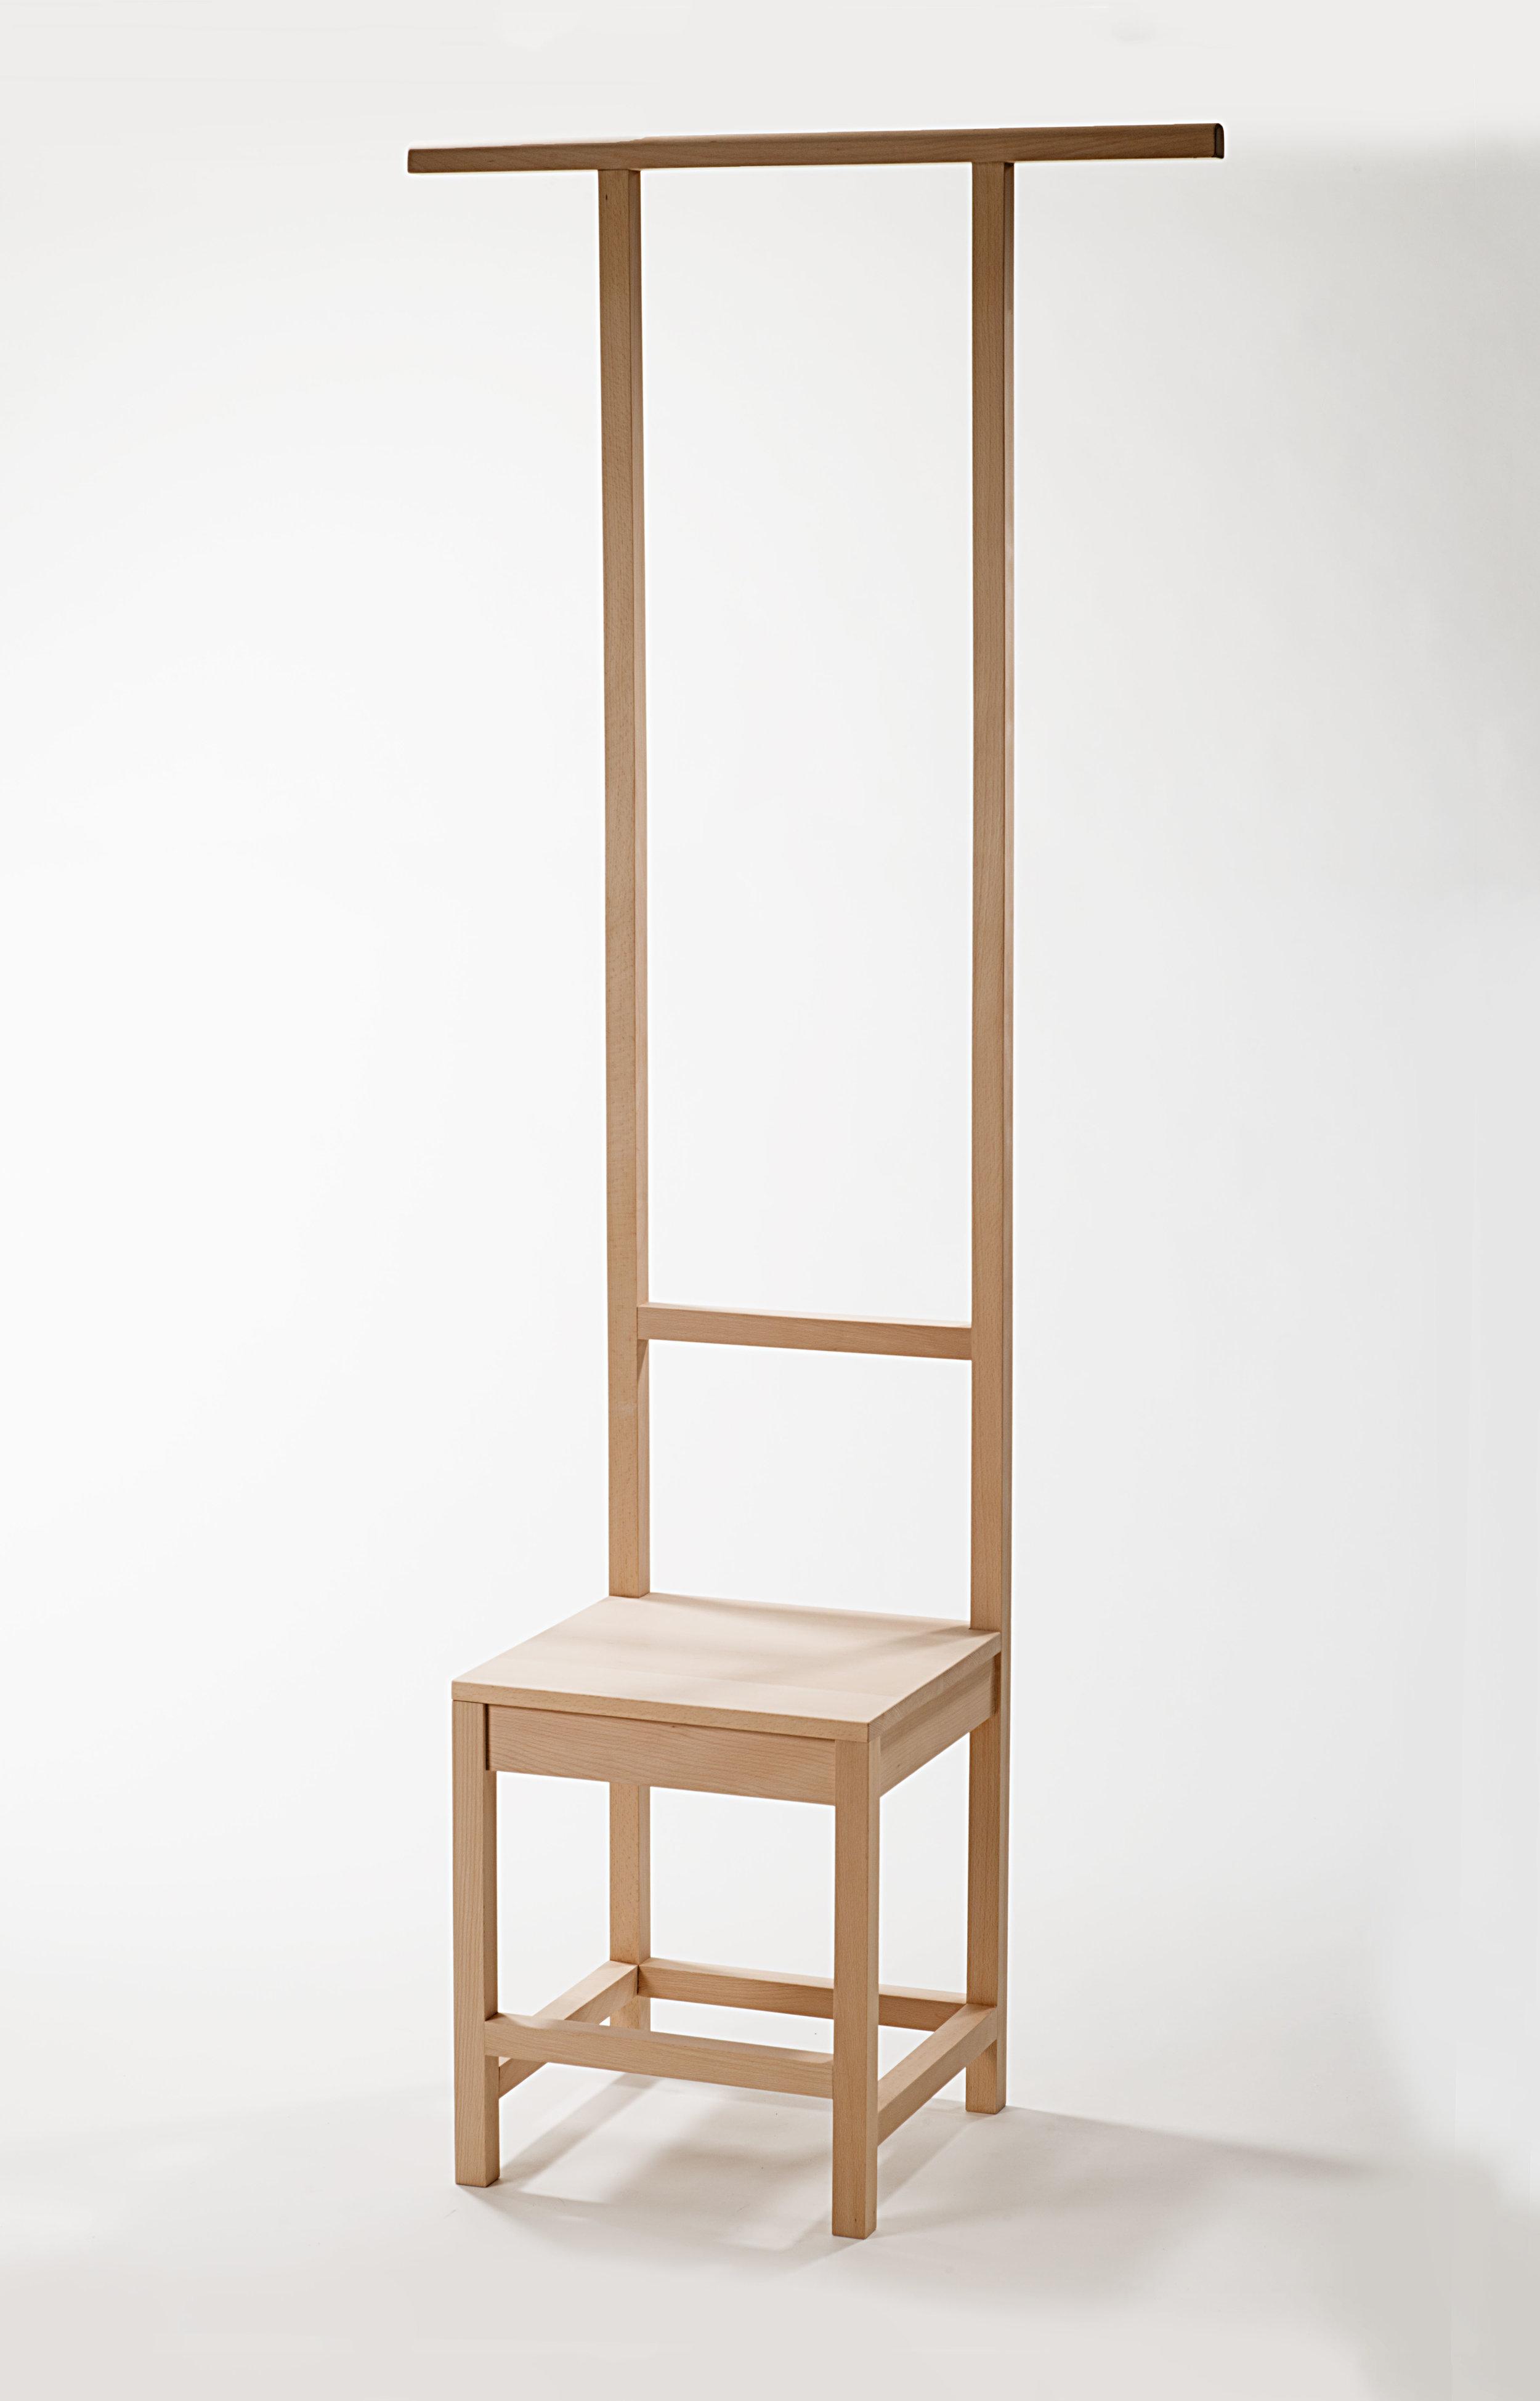 high back chair_Xinran Zheng copy.jpg